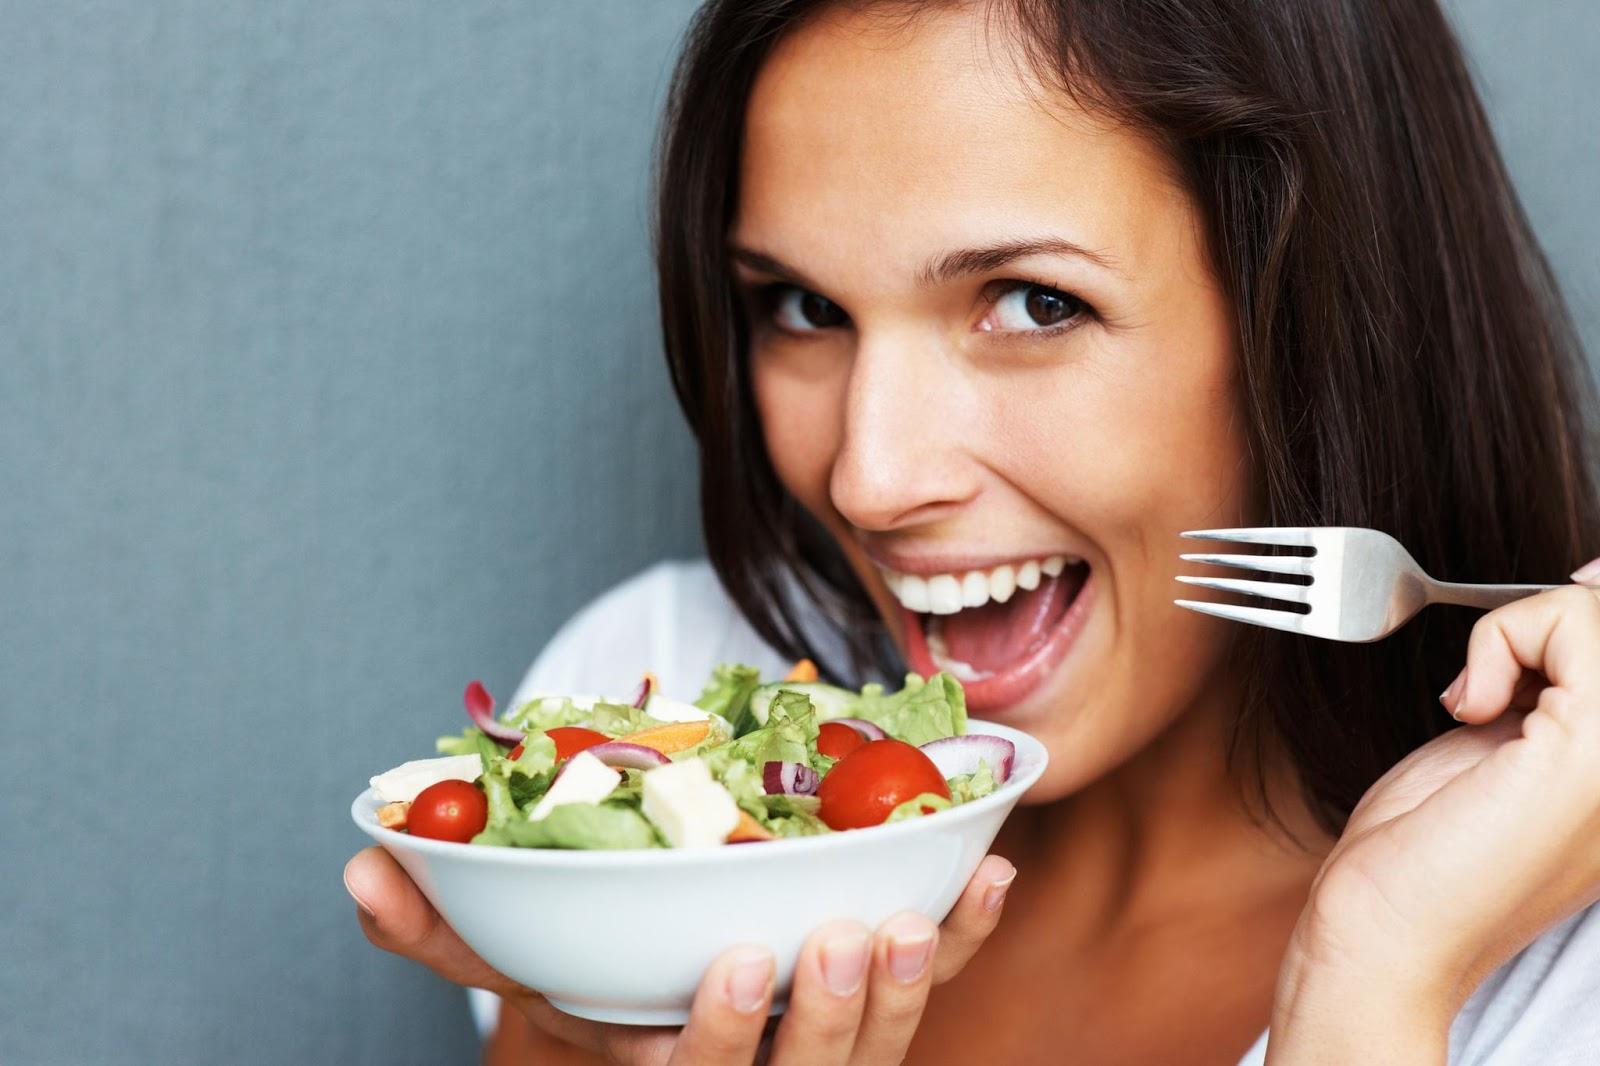 Похудеть с вкусными продуктами